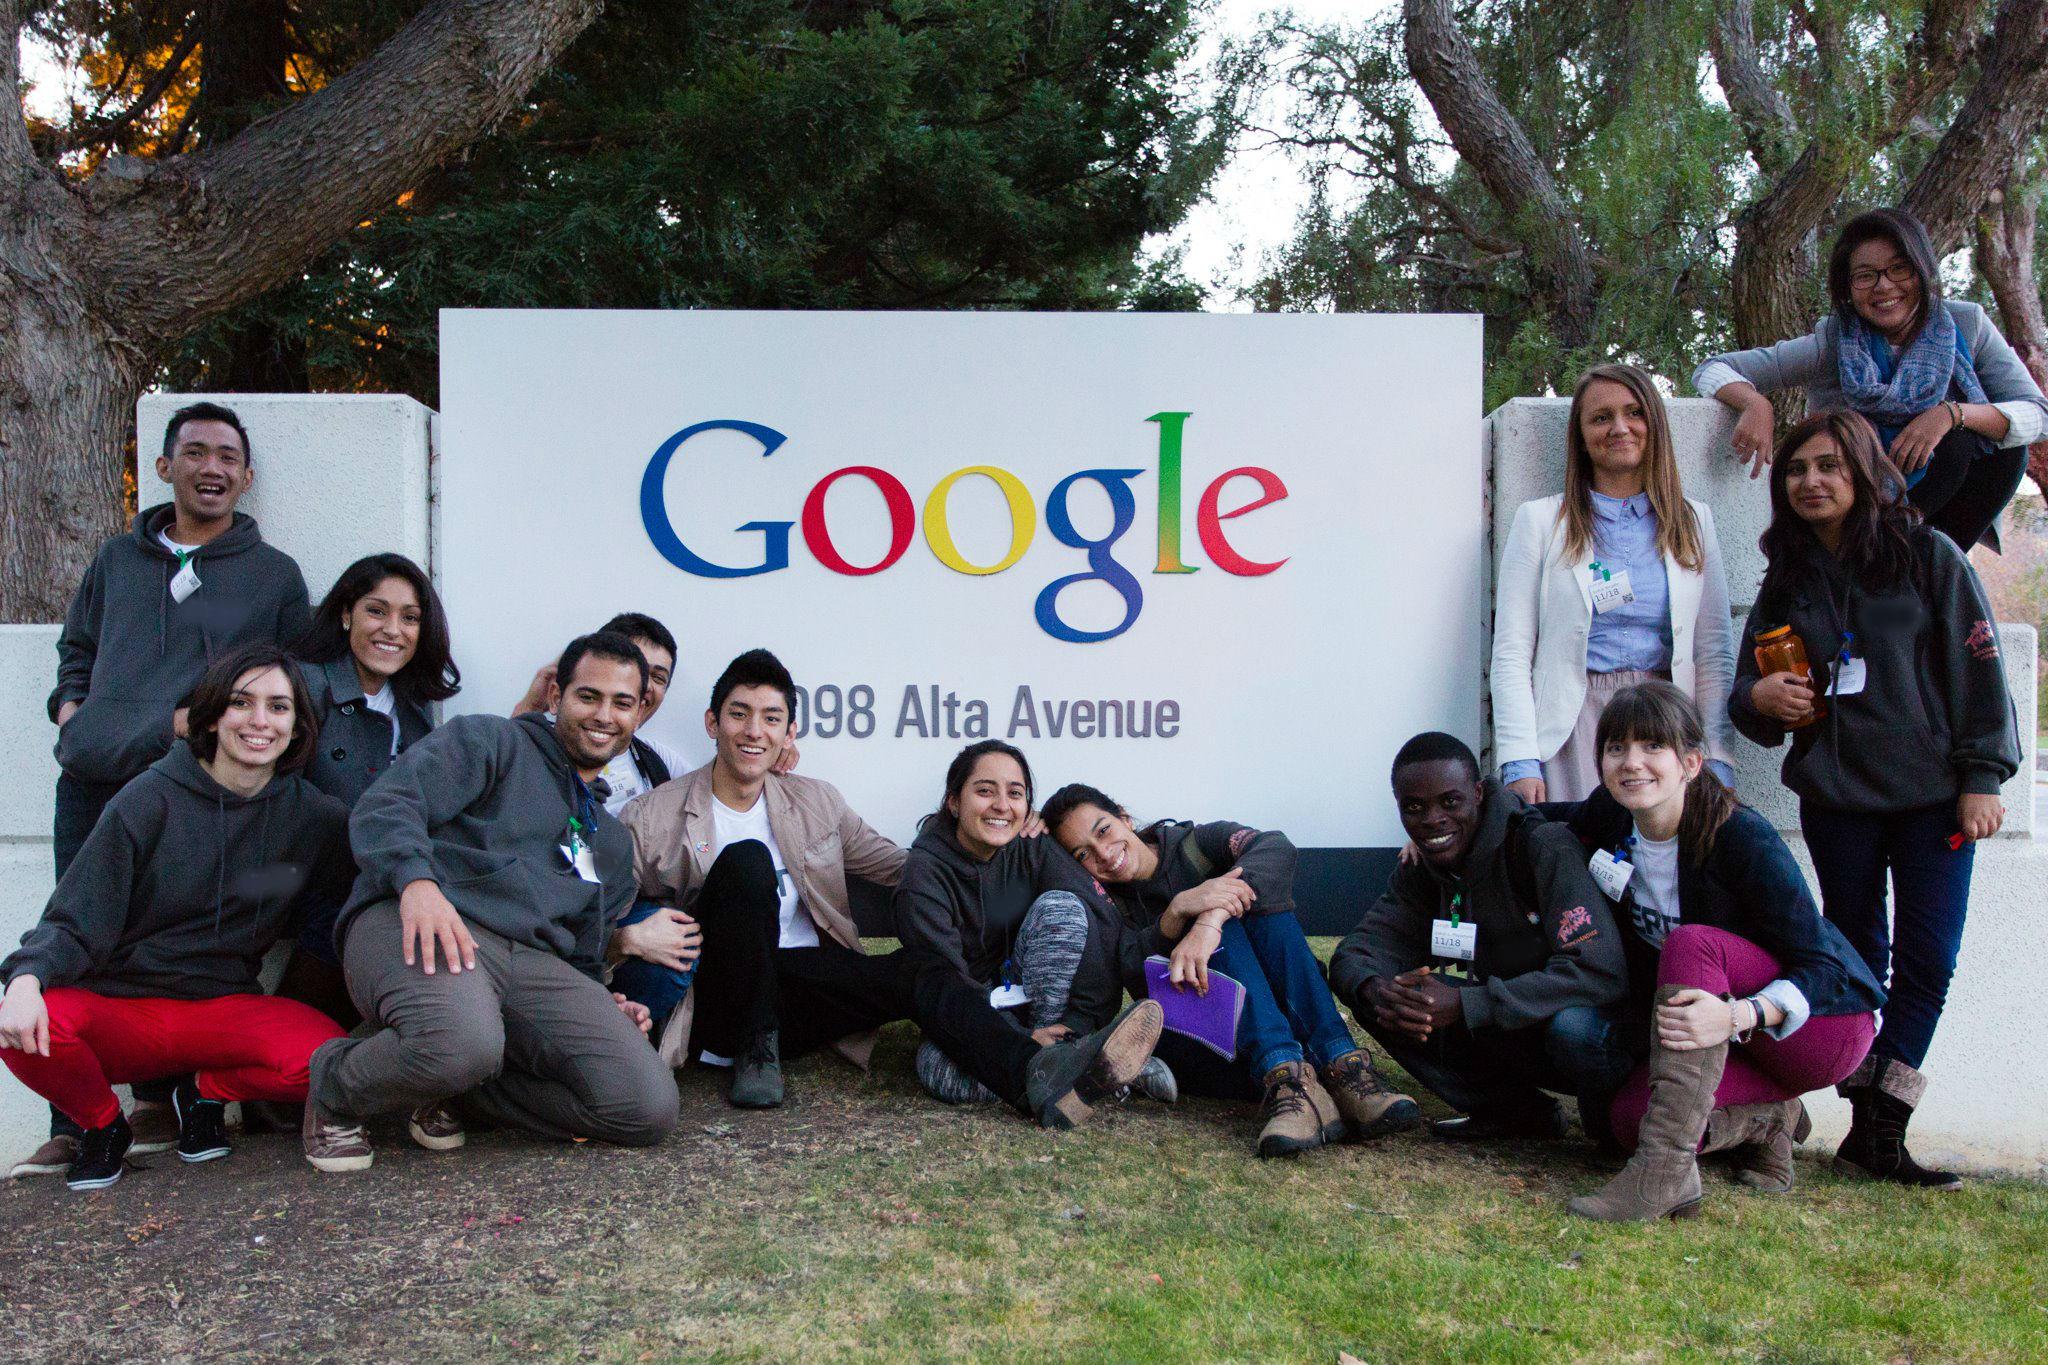 googleSign2.jpg